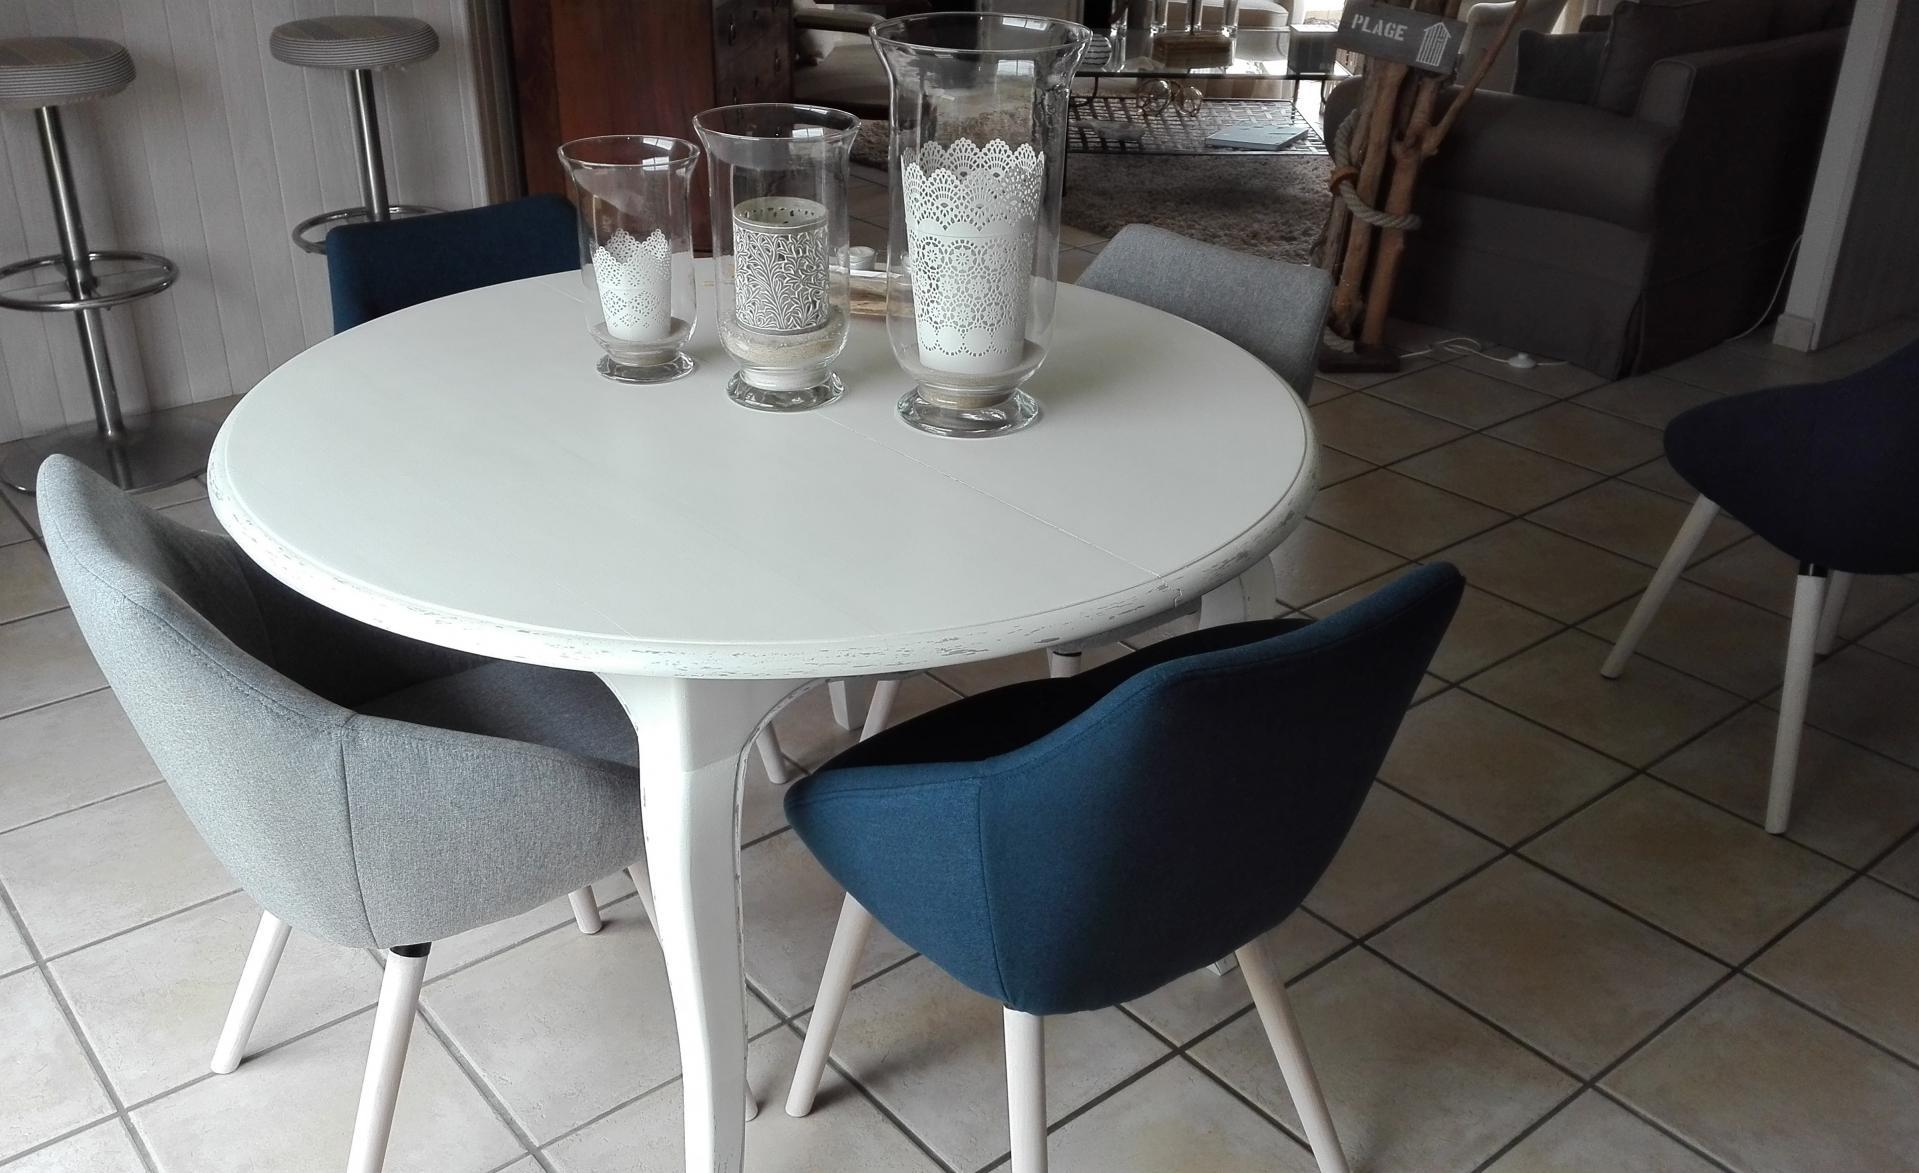 Table et chaises de 2 couleurs différentes